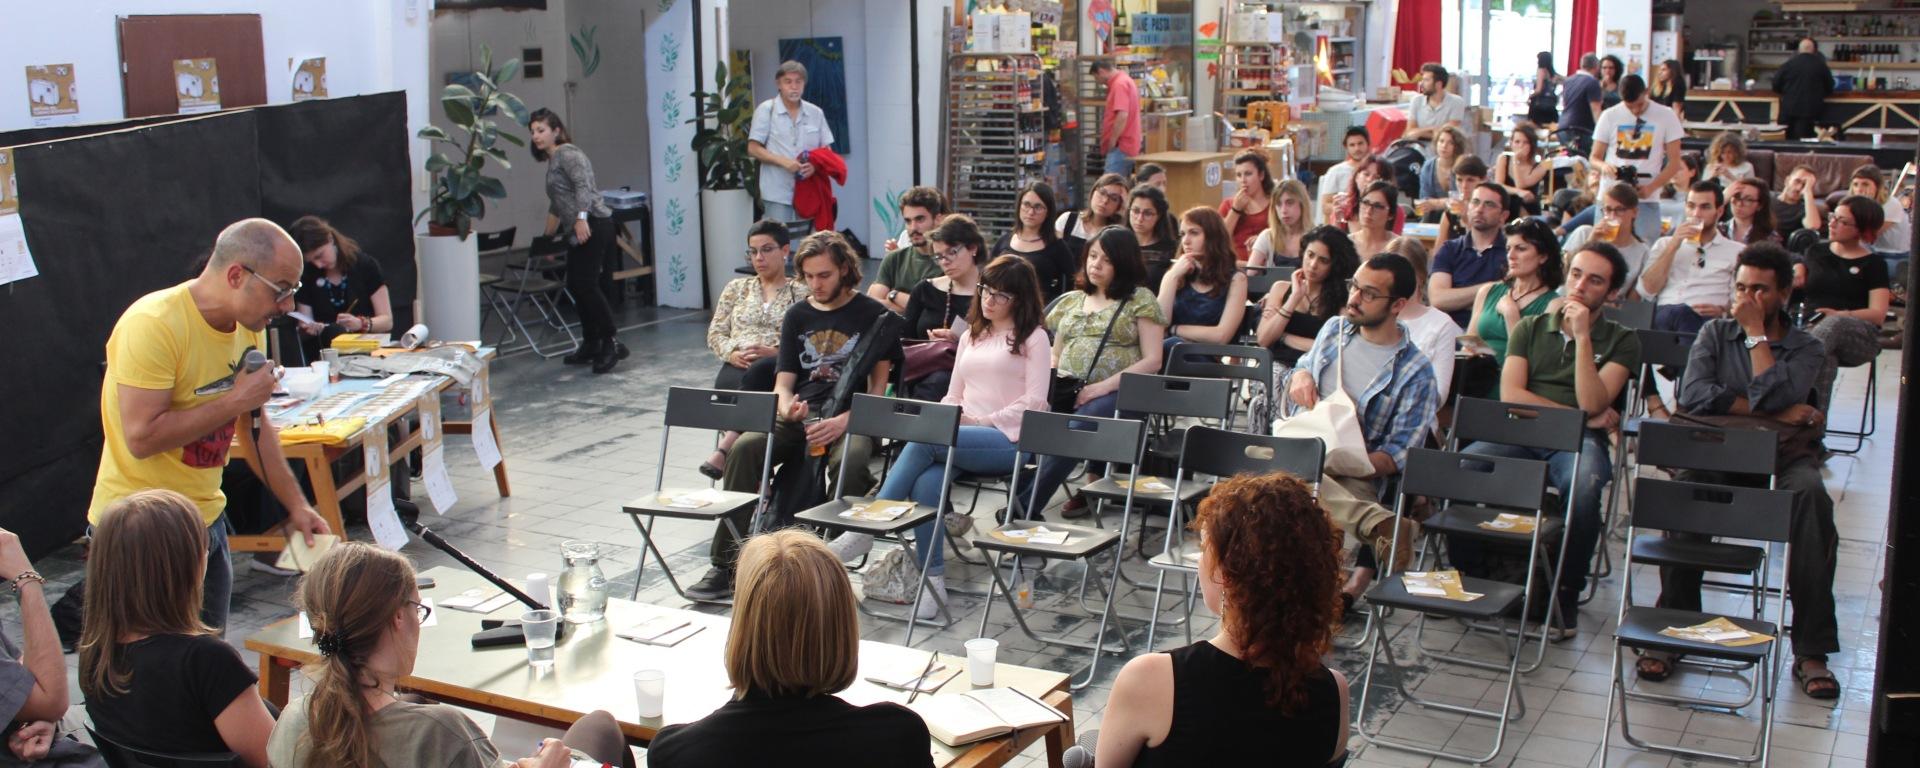 pubblico incontro migranti itacà